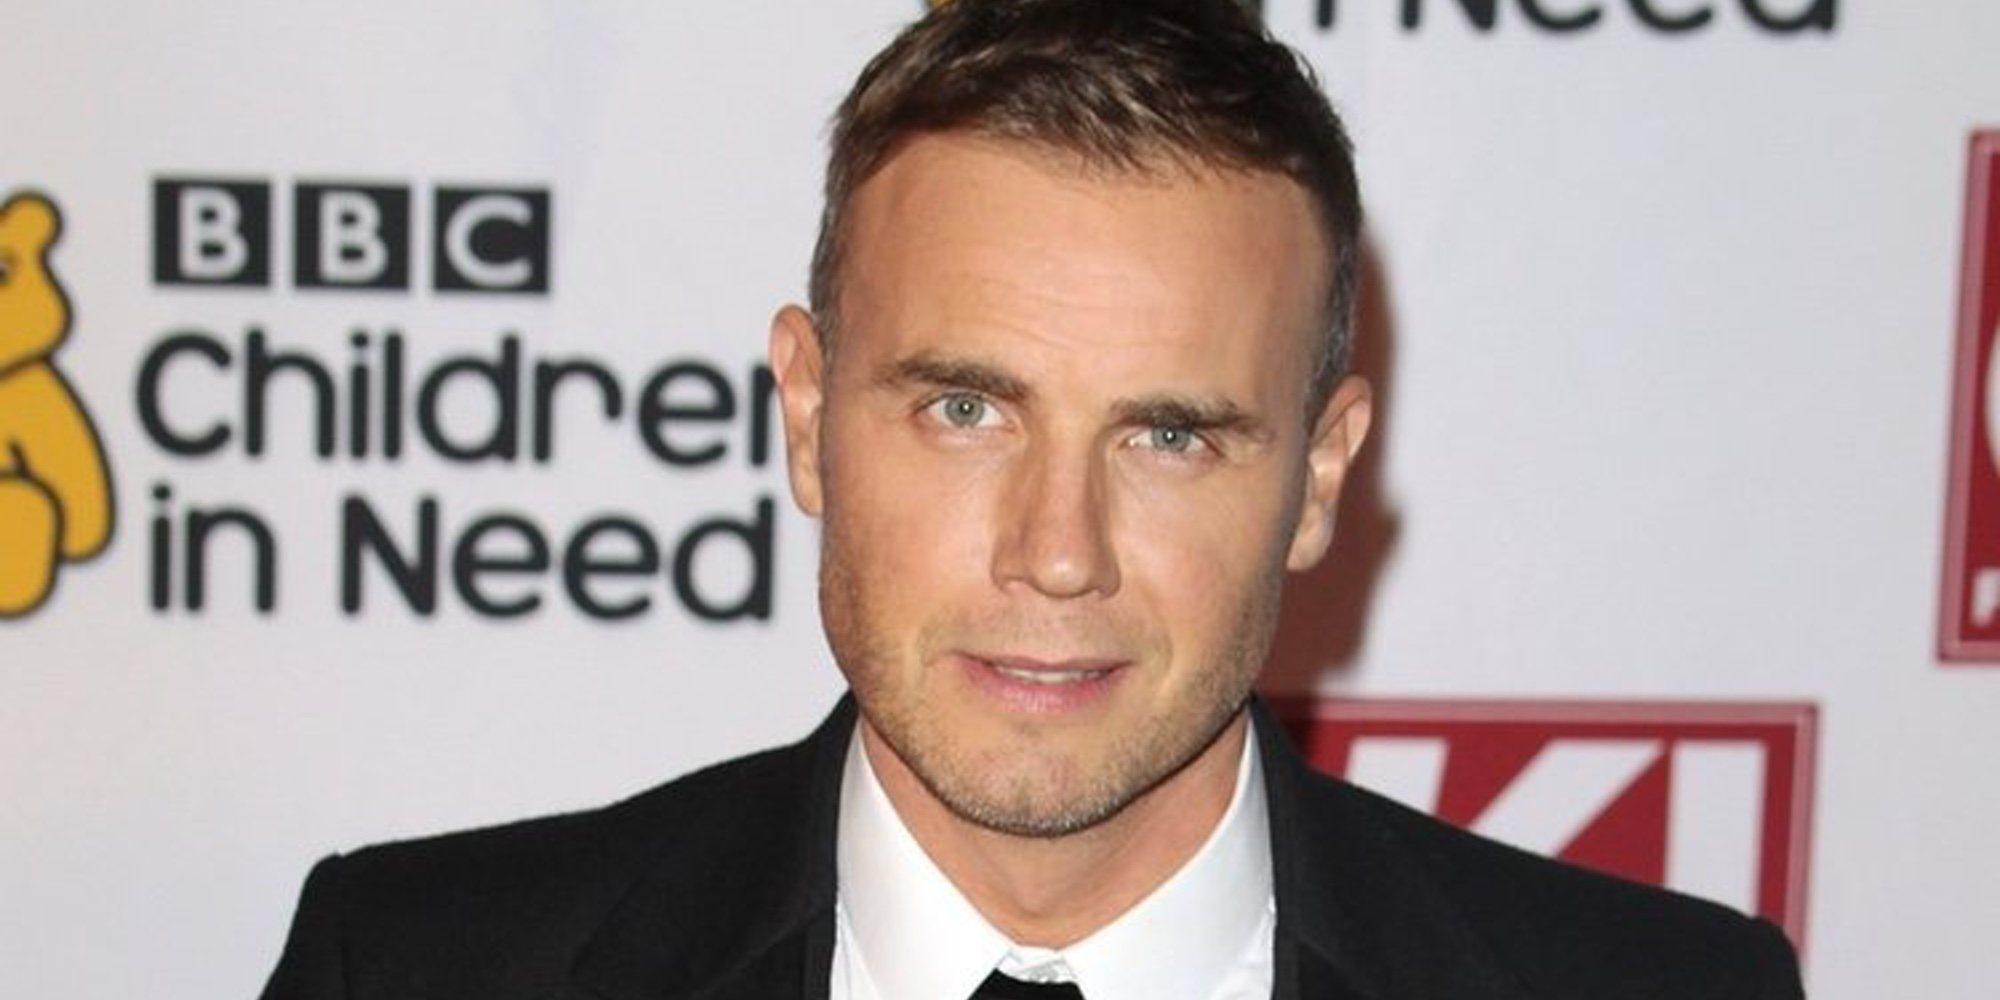 Gary Barlow cancela su gira mundial con Take That por la enfermedad de un familiar